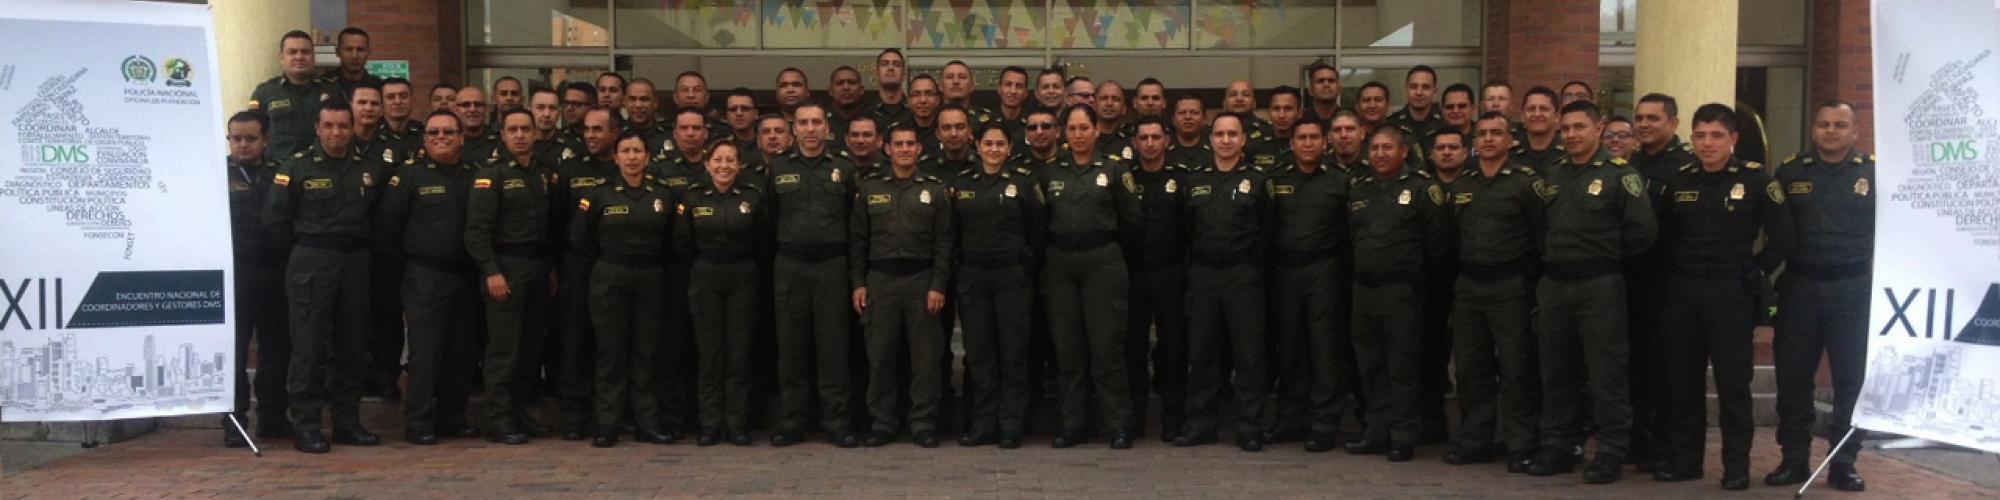 Integrantes del Programa Departamentos y Municipios Seguros (DMS) a nivel nacional